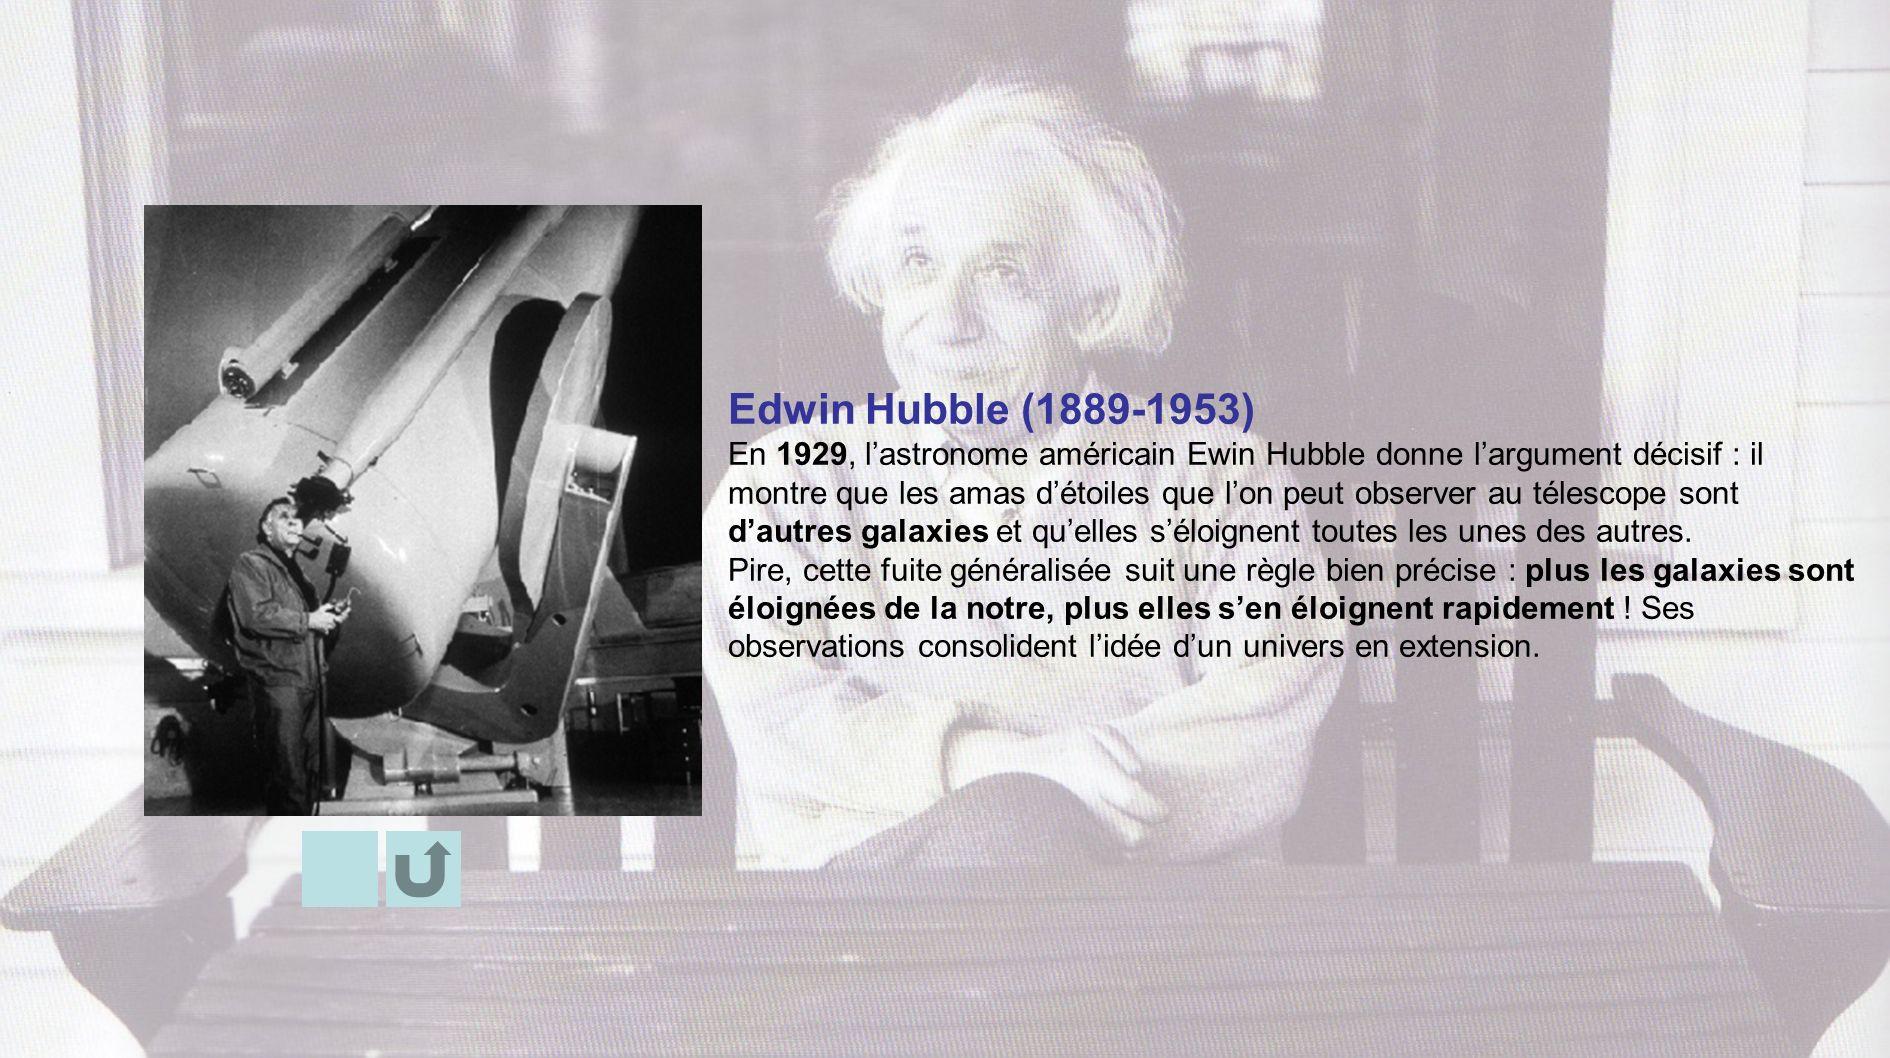 Edwin Hubble (1889-1953) En 1929, lastronome américain Ewin Hubble donne largument décisif : il montre que les amas détoiles que lon peut observer au